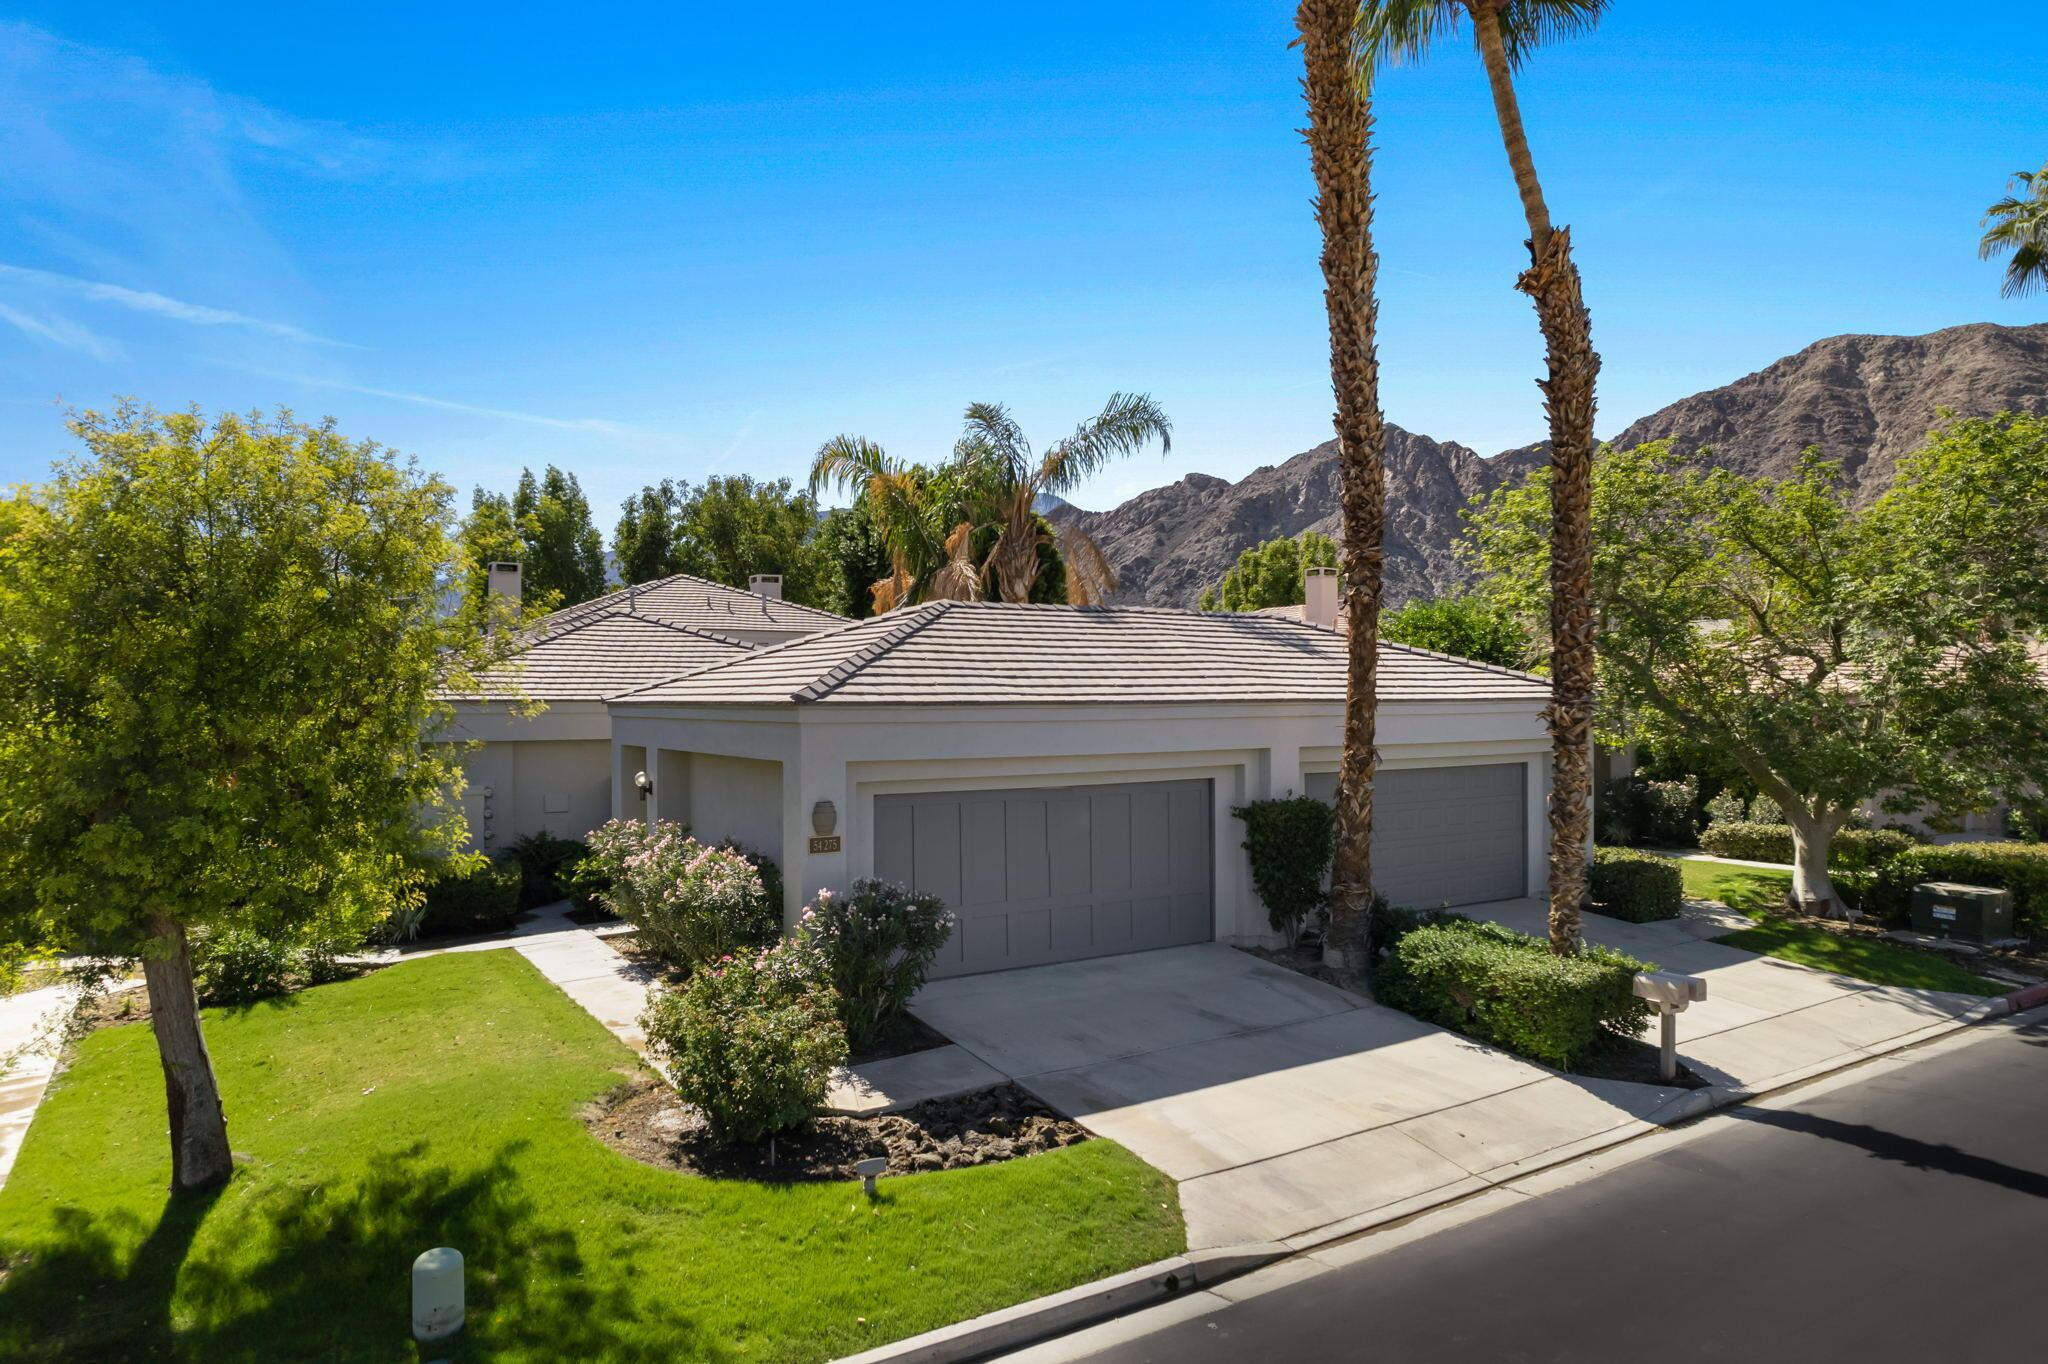 Photo of 54275 Shoal Creek, La Quinta, CA 92253